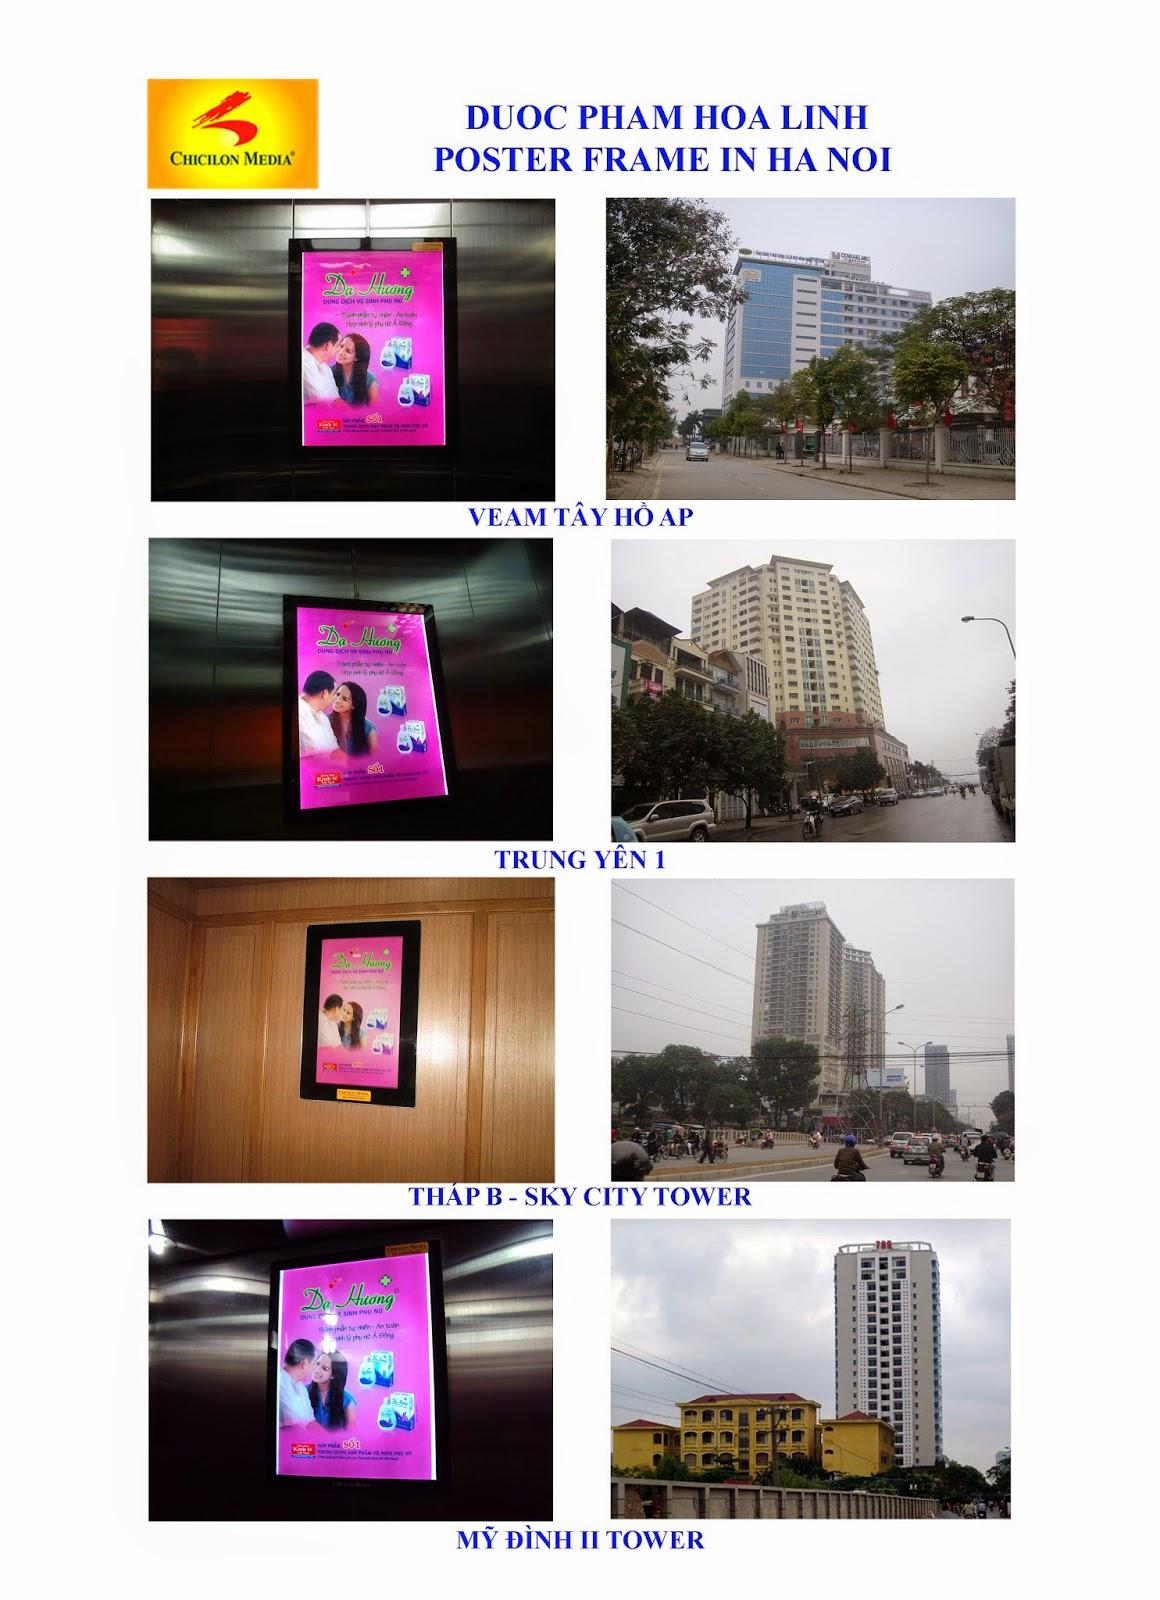 quảng cáo trong thang máy, quảng cáo Poster Frame trong thang máy, hệ thống quảng cáo chicilon media